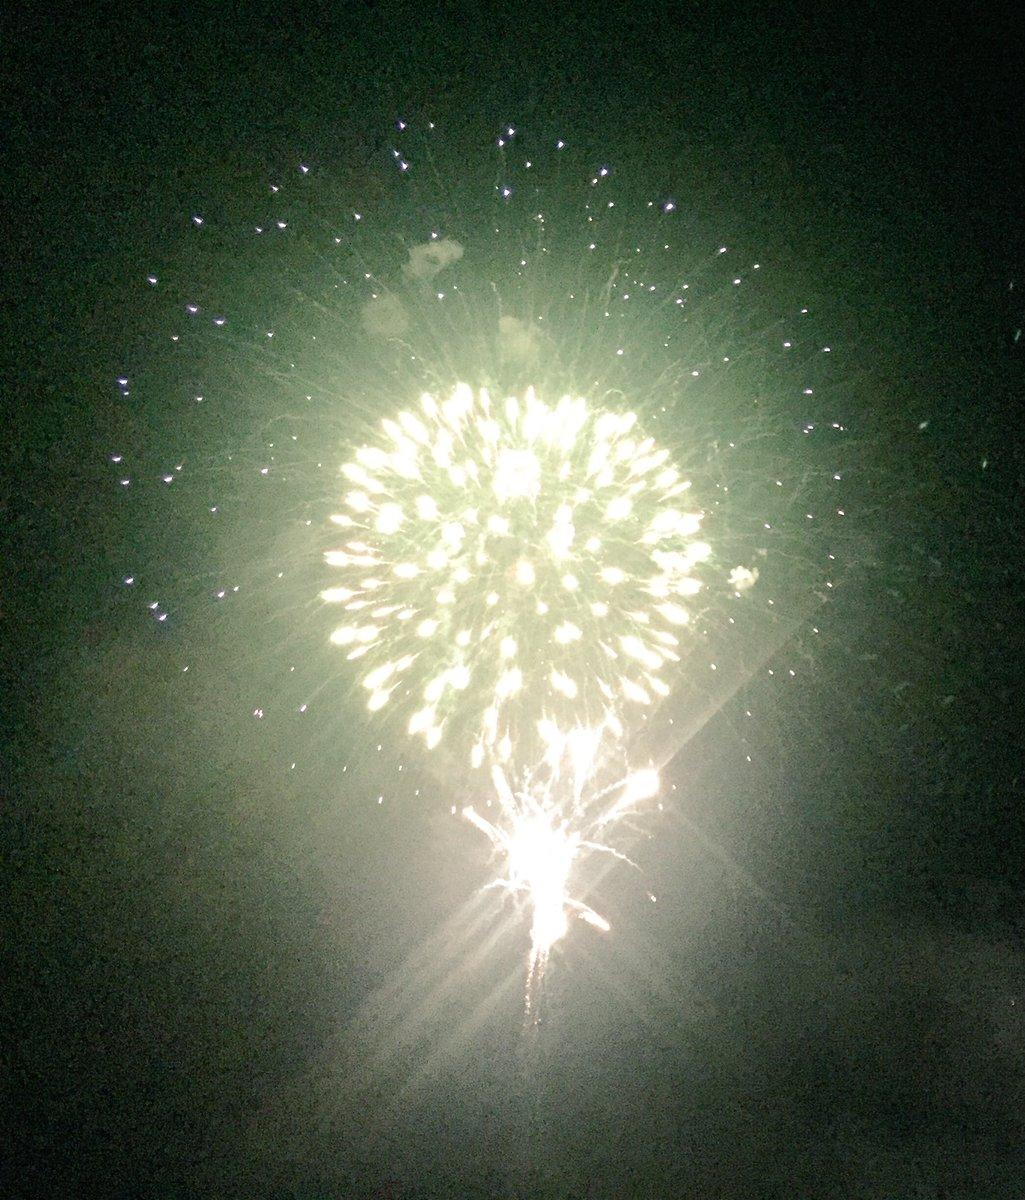 ハウステンボスの花火とっても綺麗です。GReeeeNさんのコラボレーション花火コーナーがあって、曲の…